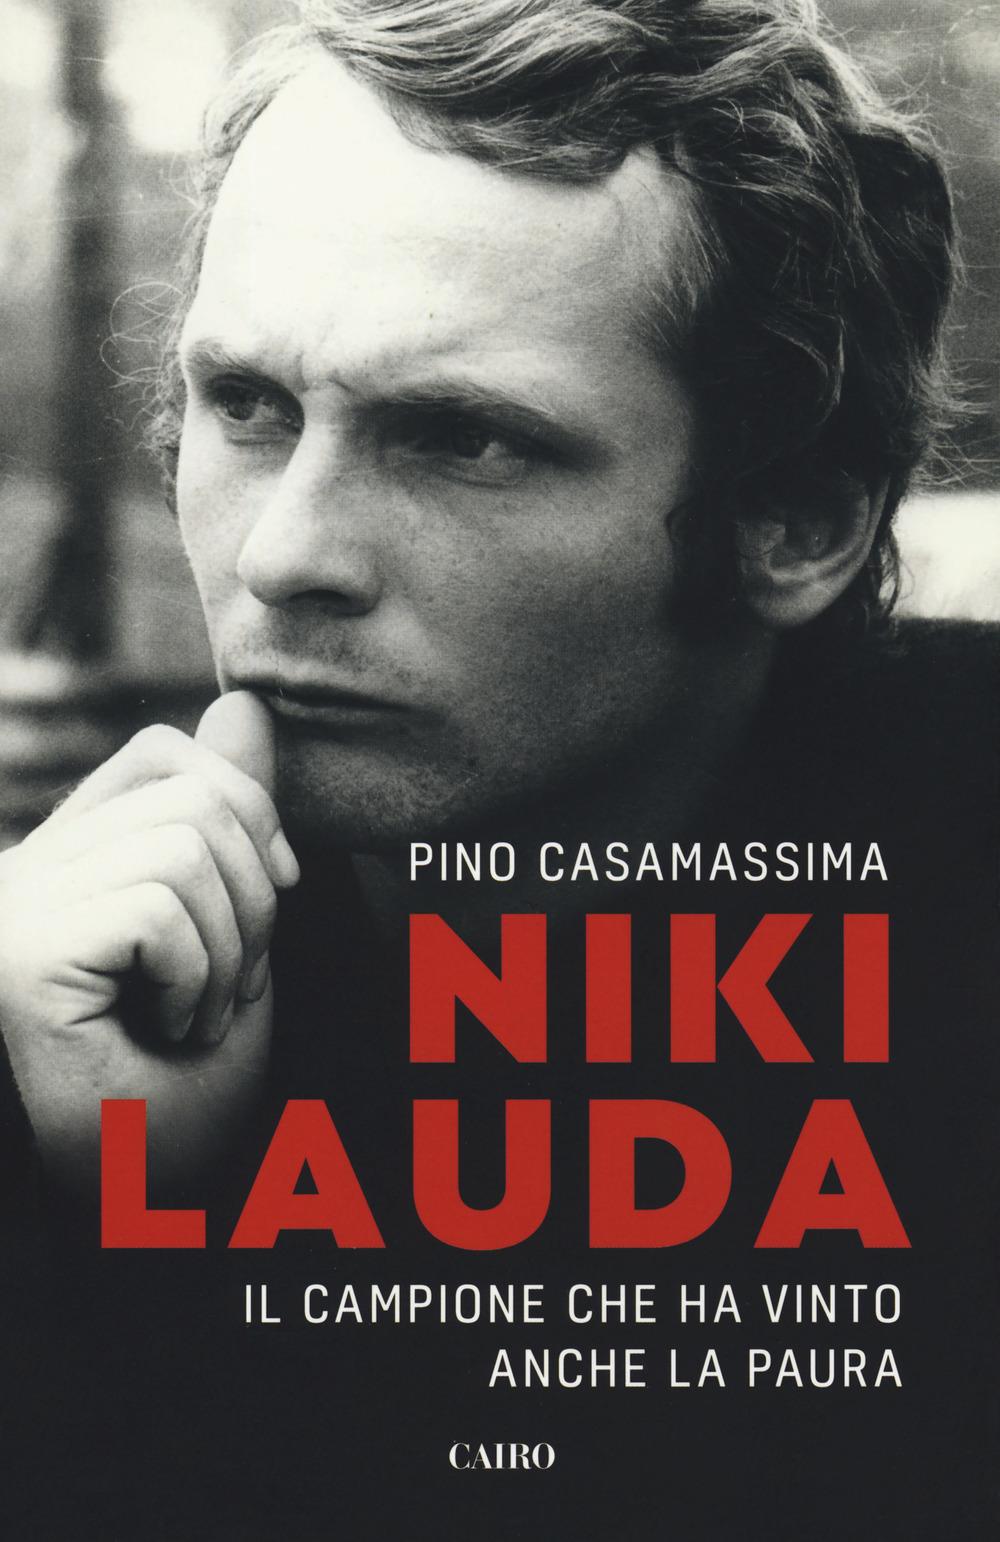 NIKI LAUDA. IL CAMPIONE CHE HA VINTO ANCHE LA PAURA - 9788830900646